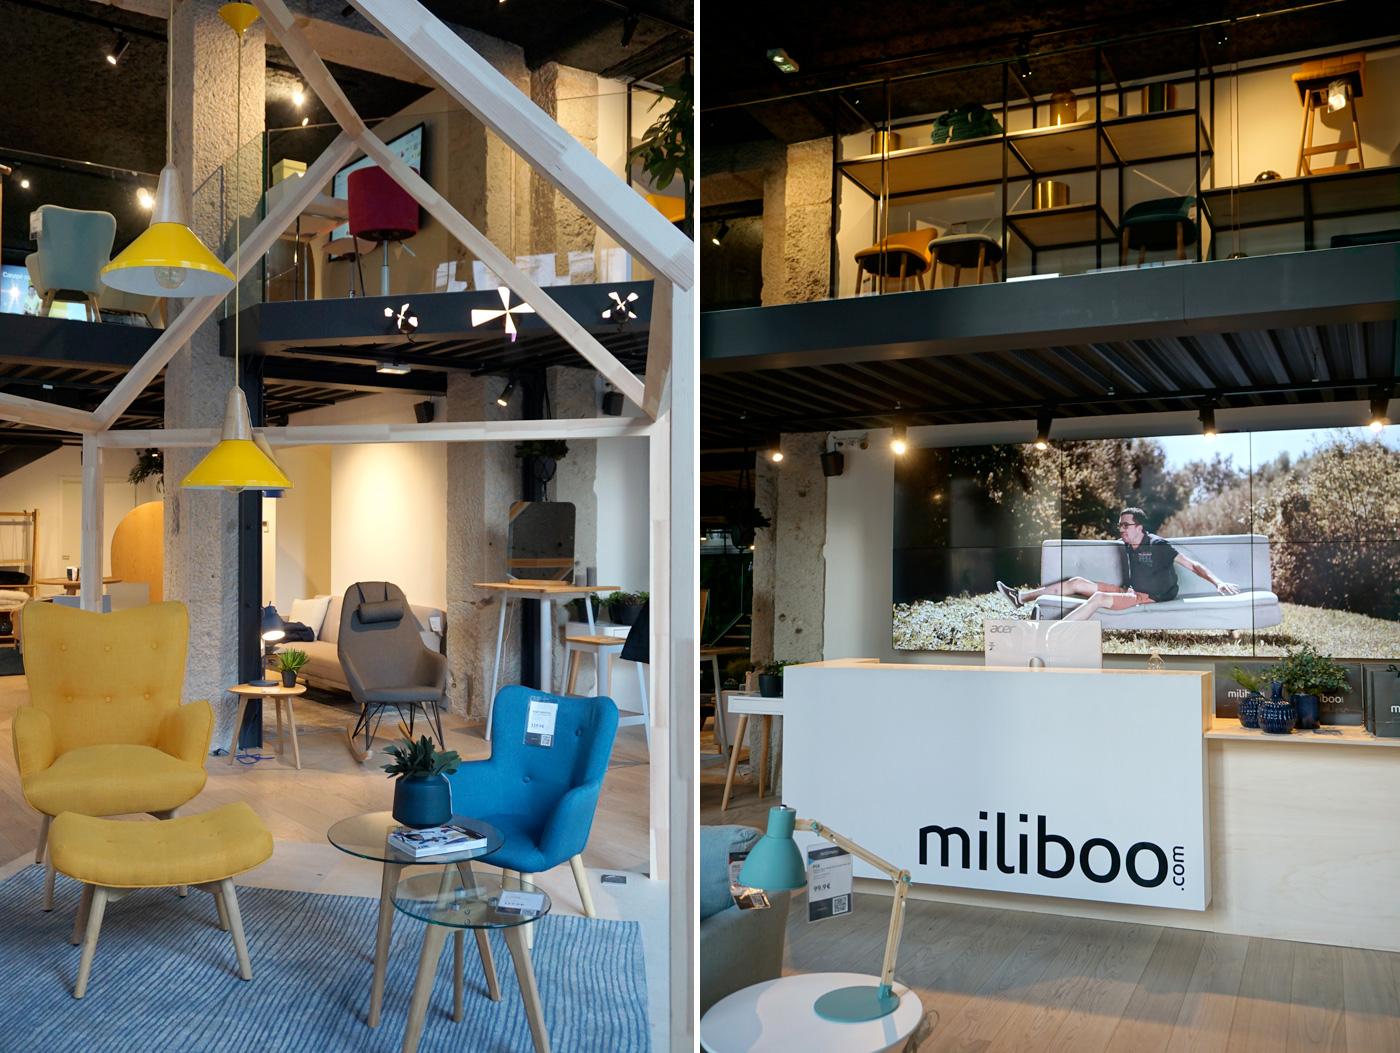 La boutique connectée Miliboo à Lyon - Déco et mobilier scandinave et industriel